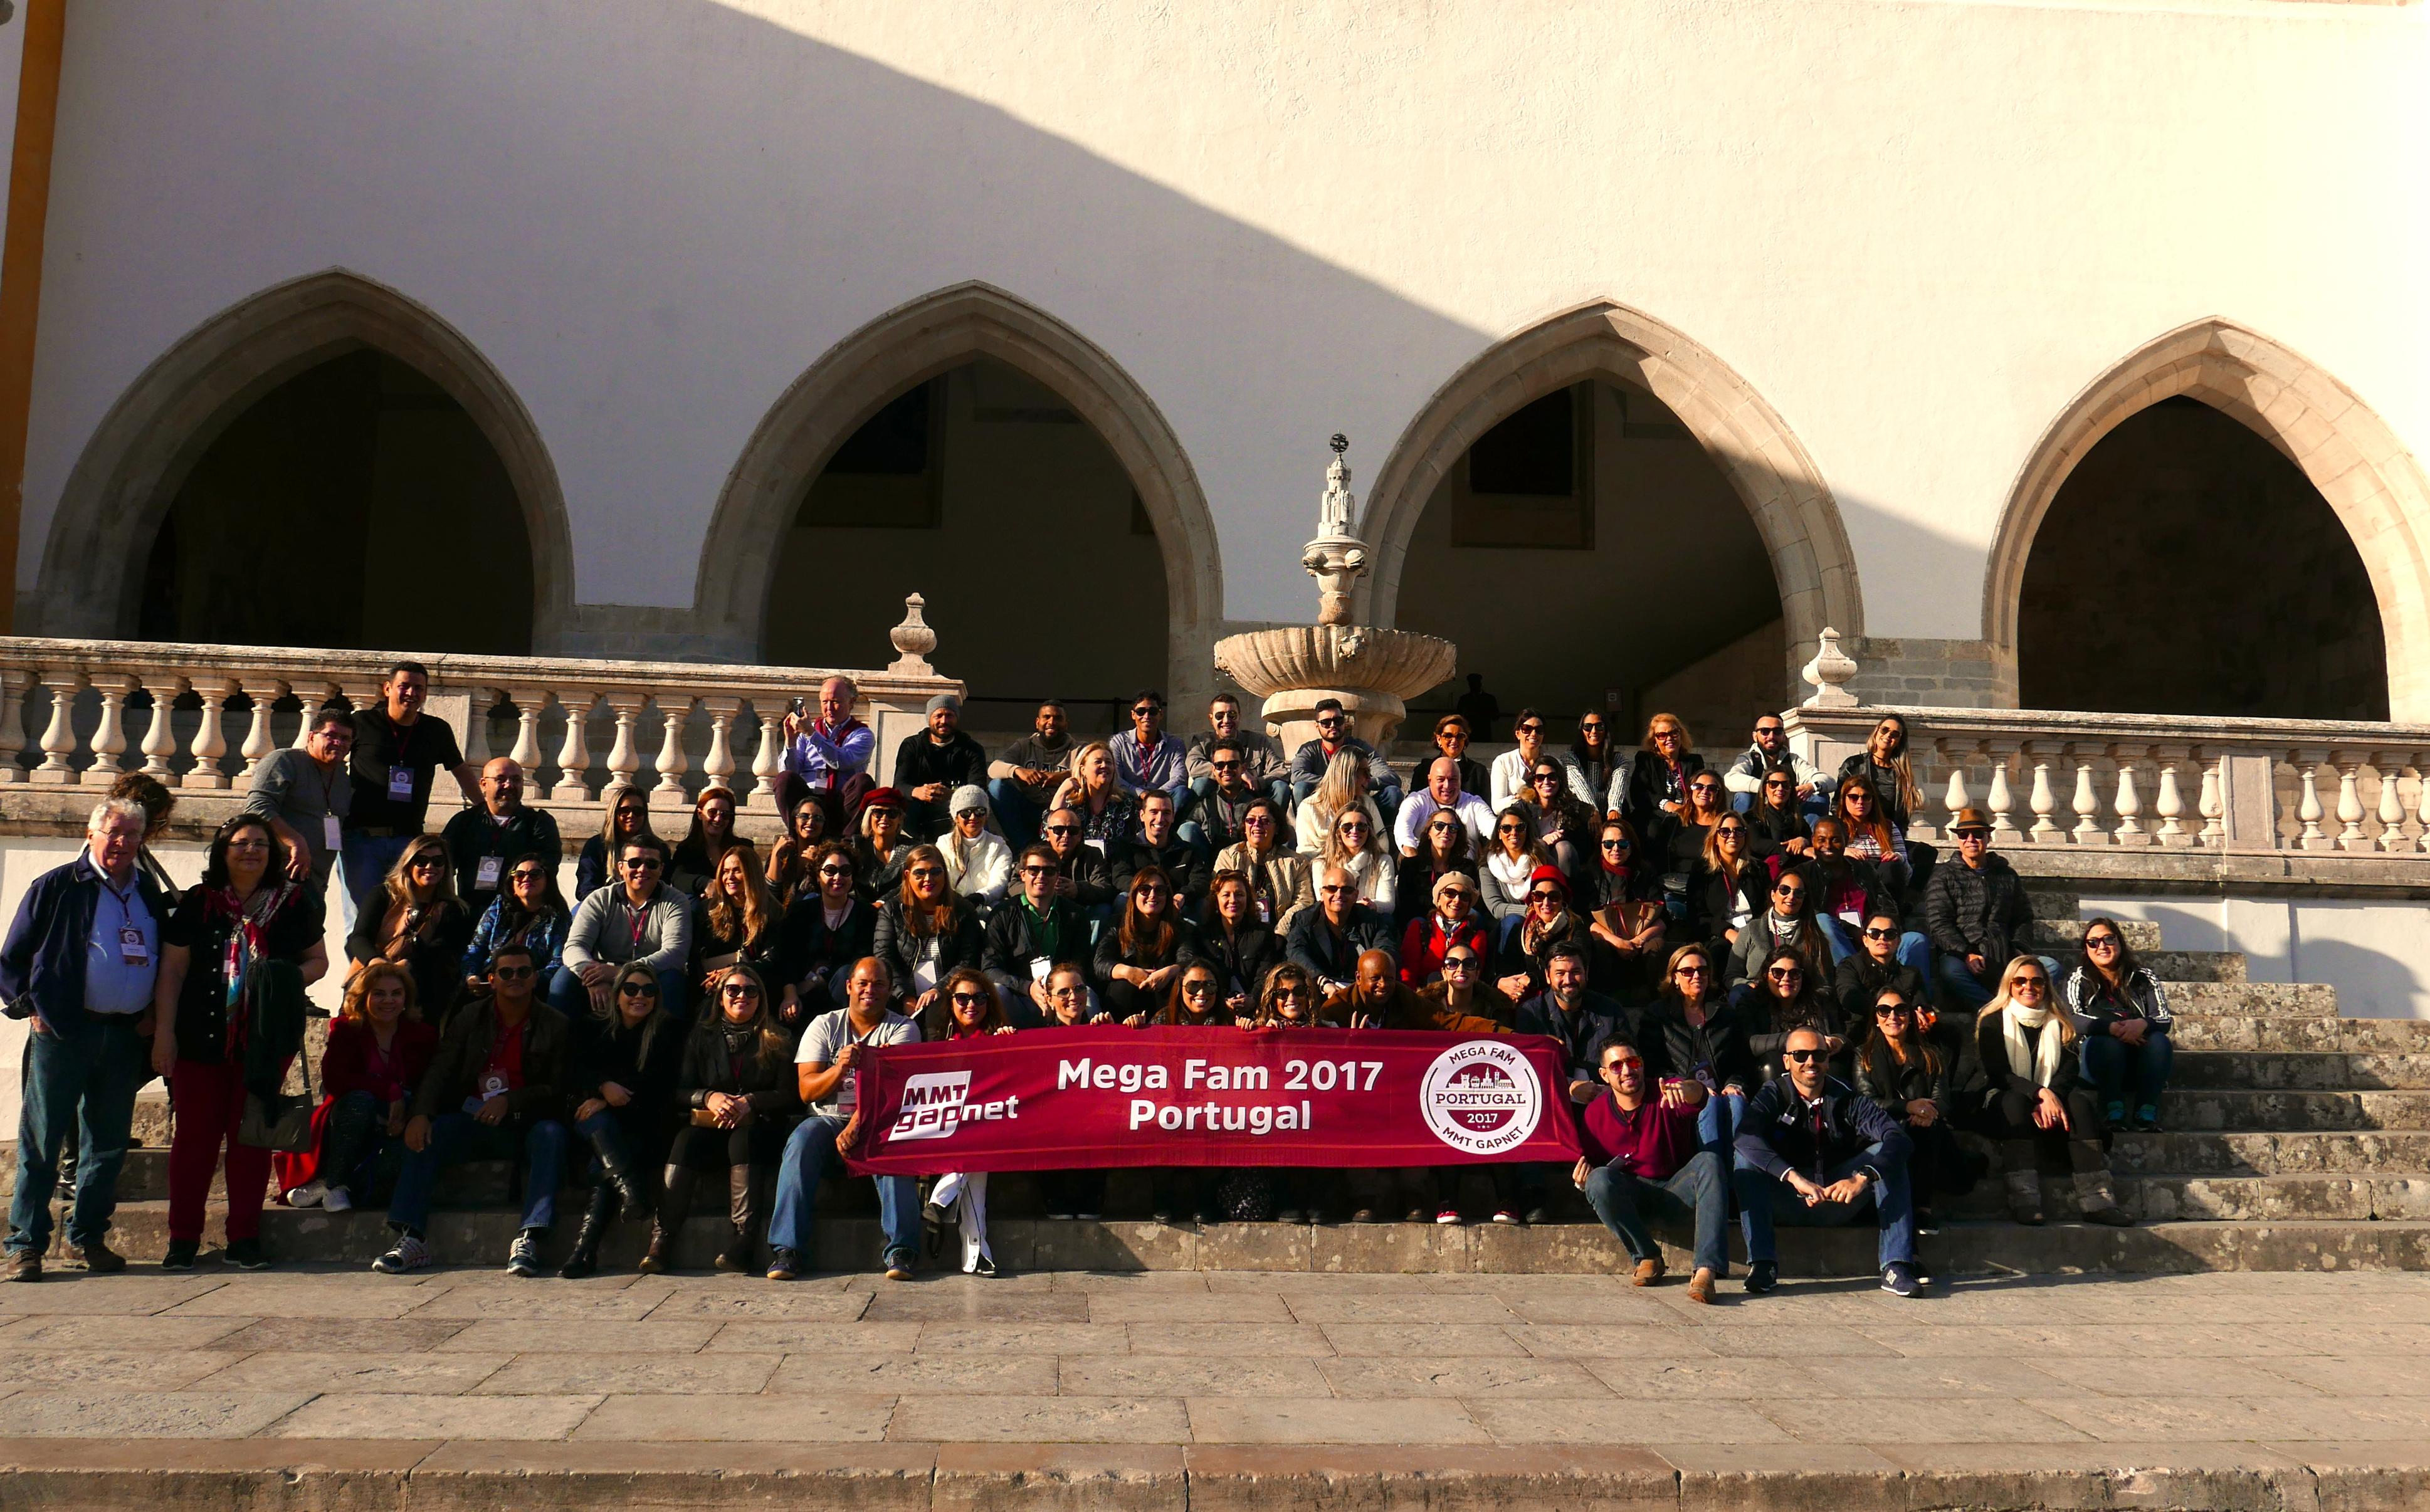 O Megafam MMTGapnet se reúne em frente ao Castelo de Sintra, para a foto oficial